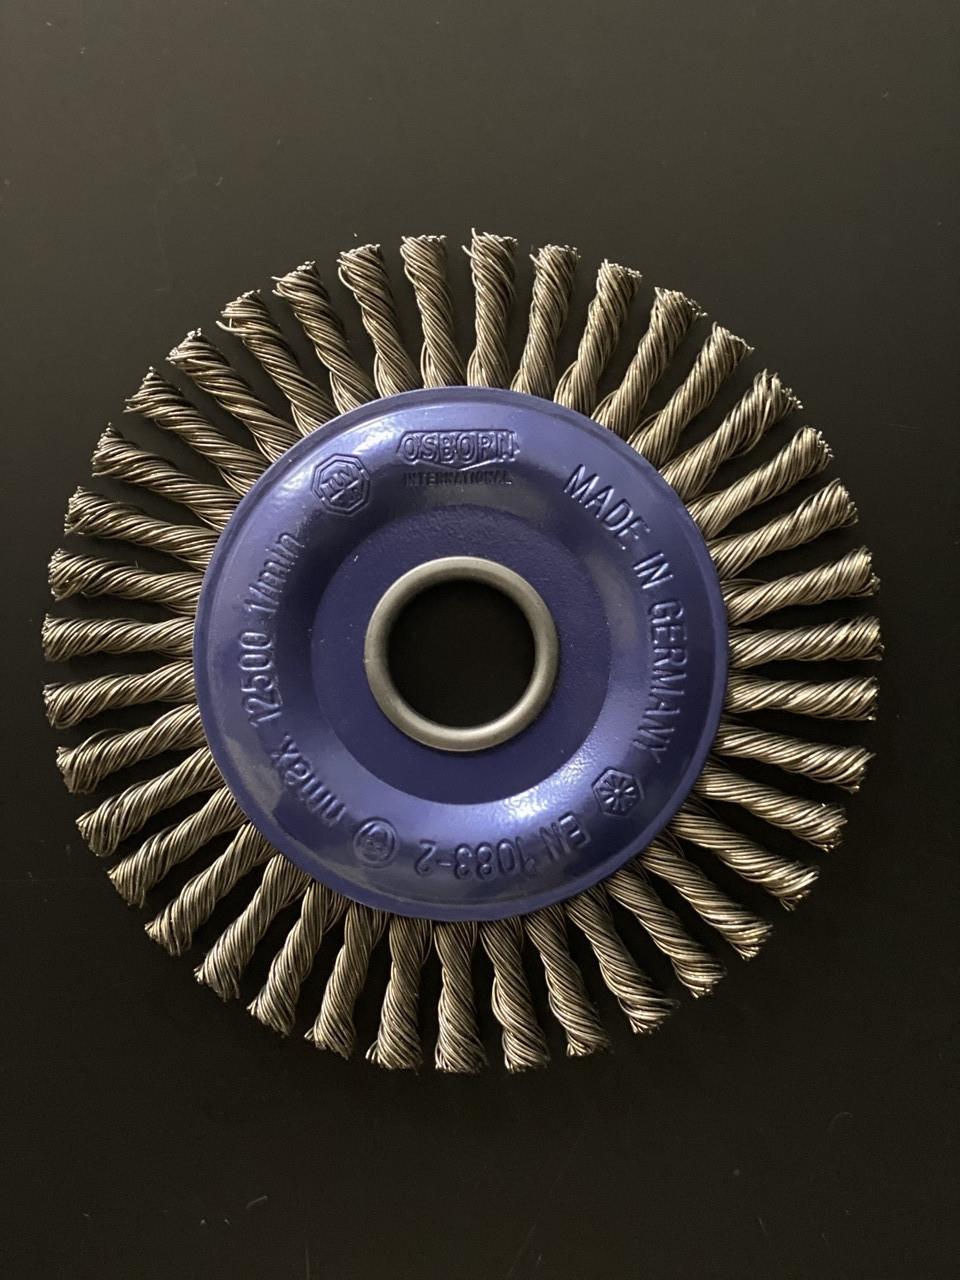 Щётка дисковая D 125 x 6 x 22,2 mm. OSBORN Жгутовая стальная проволока 0,5mm